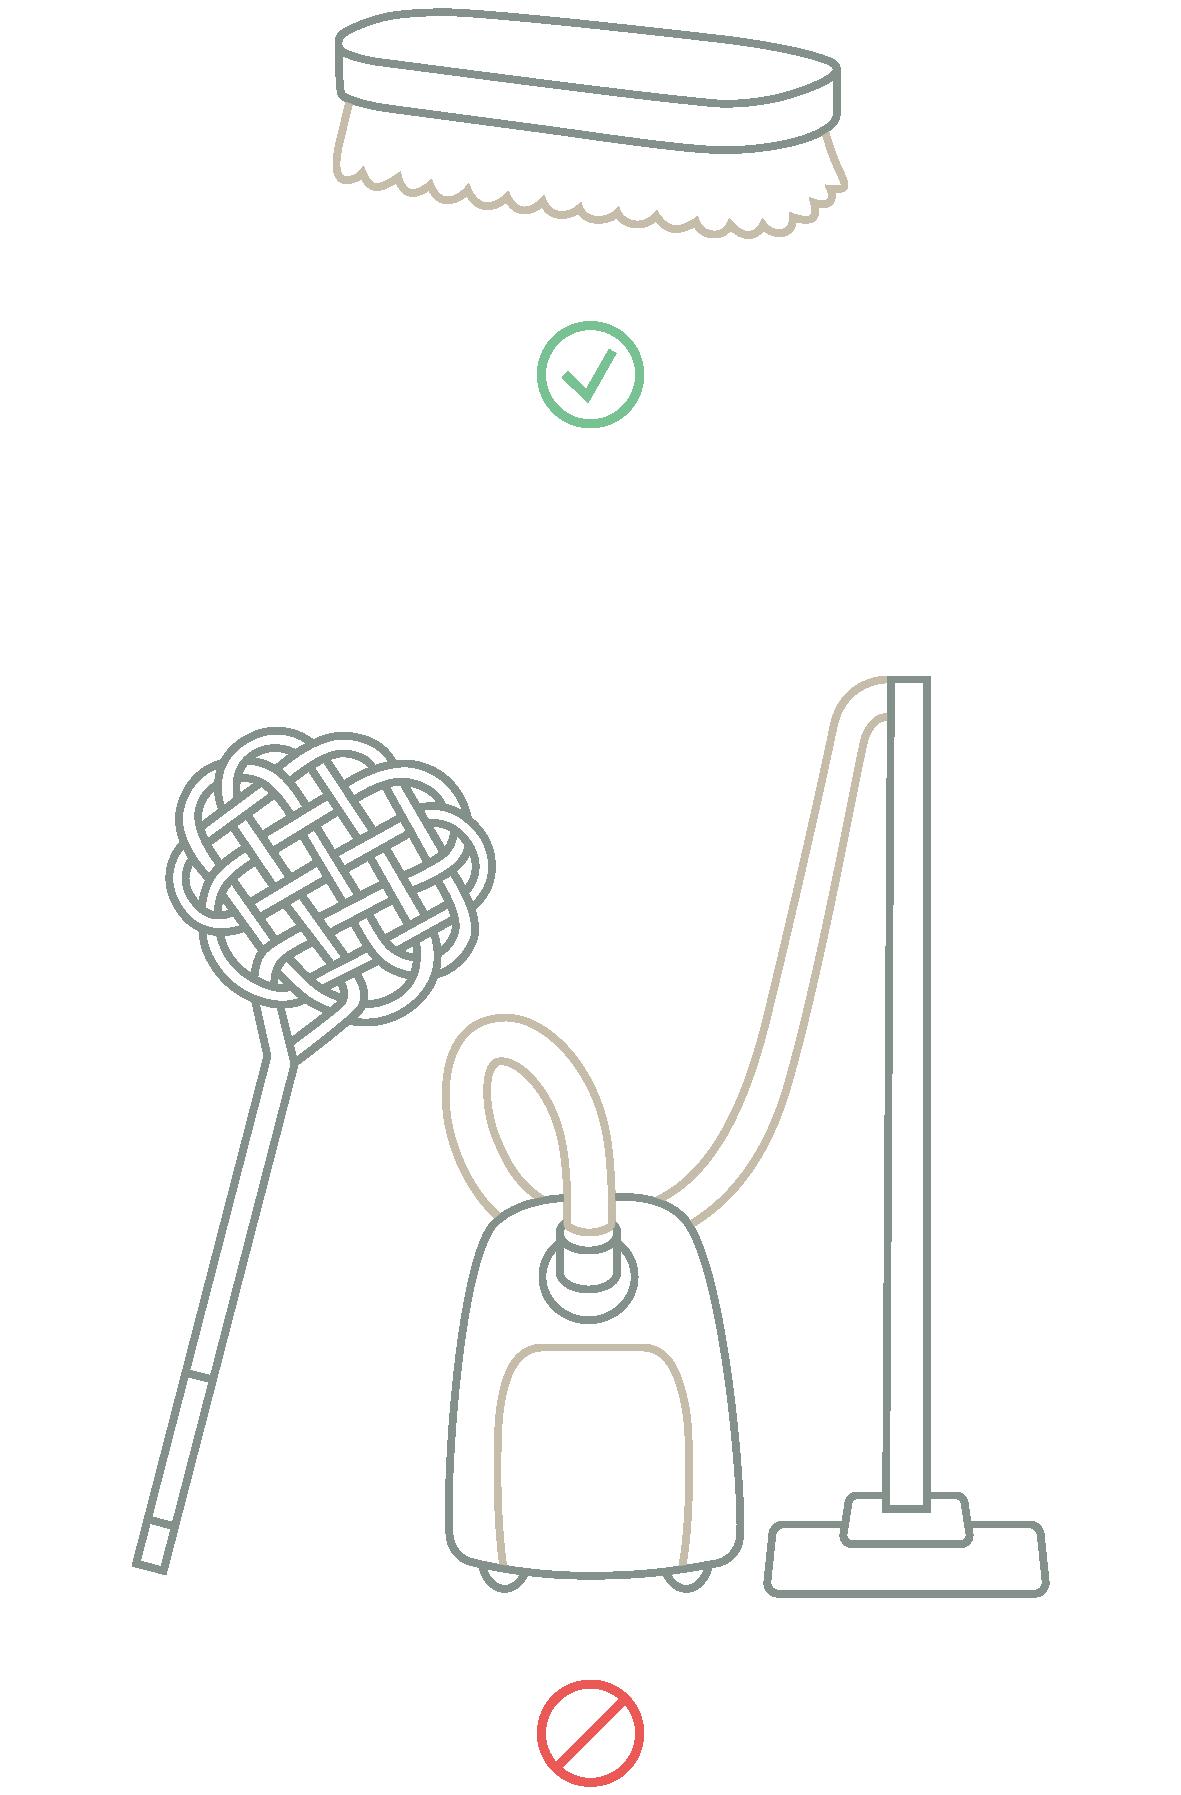 Was ist bei der Pflege von Daunenprodukten erlaubt und was sollte vermieden werden. Weiche Bürsten sind OK. Staubsauger und Teppichklopfer sind zu vermeiden.